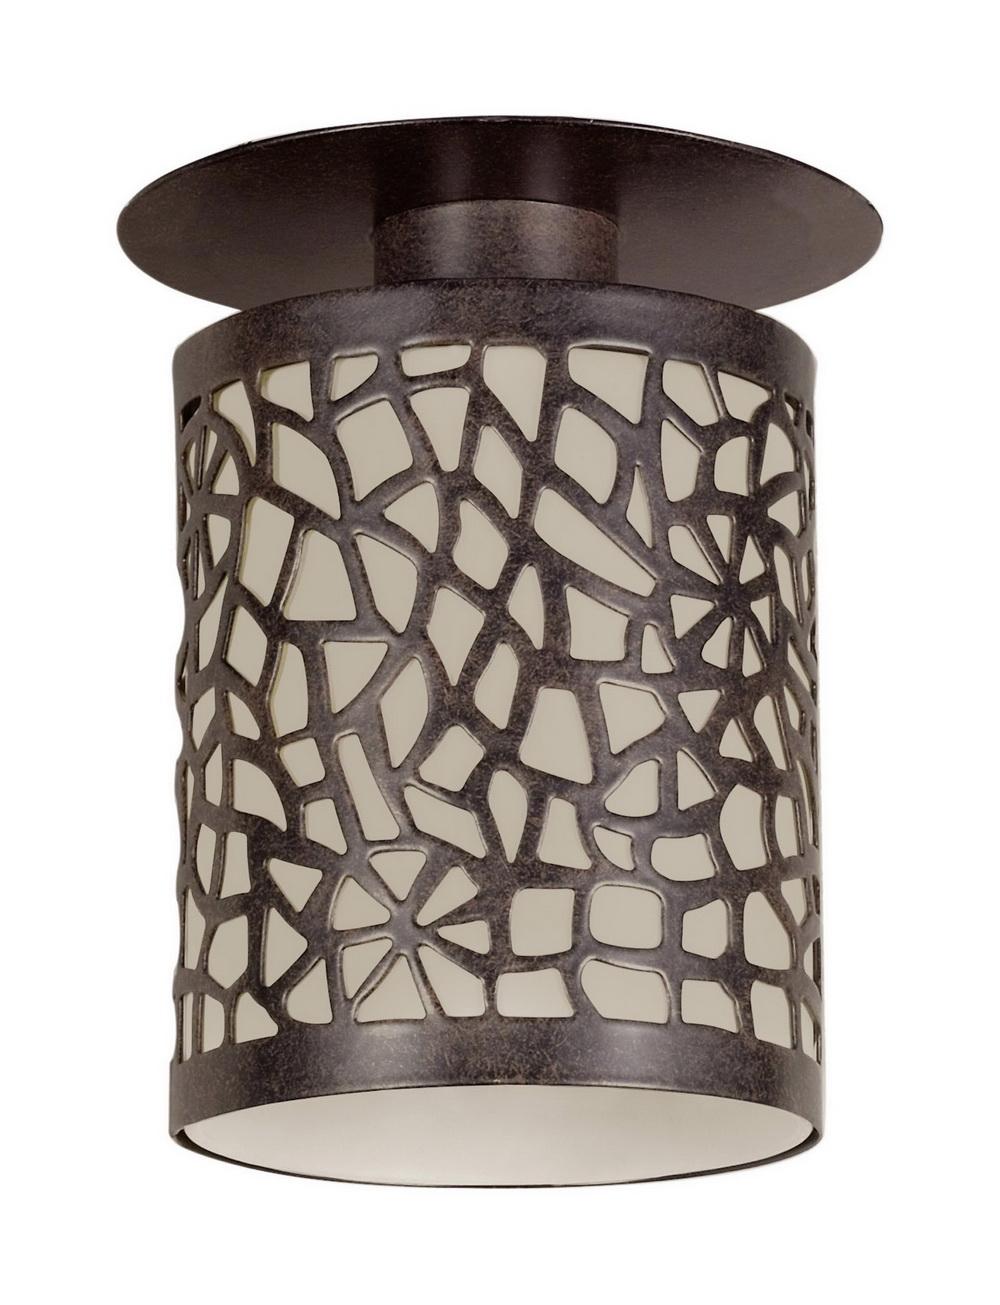 Светильник встраиваемый EgloСветильники встраиваемые<br>Стиль светильника: модерн, Диаметр: 100, Форма светильника: круг, Материал светильника: металл, стекло, Количество ламп: 1, Тип лампы: накаливания, Мощность: 40, Патрон: Е14, Цвет арматуры: дерево, Вес нетто: 0.395<br>